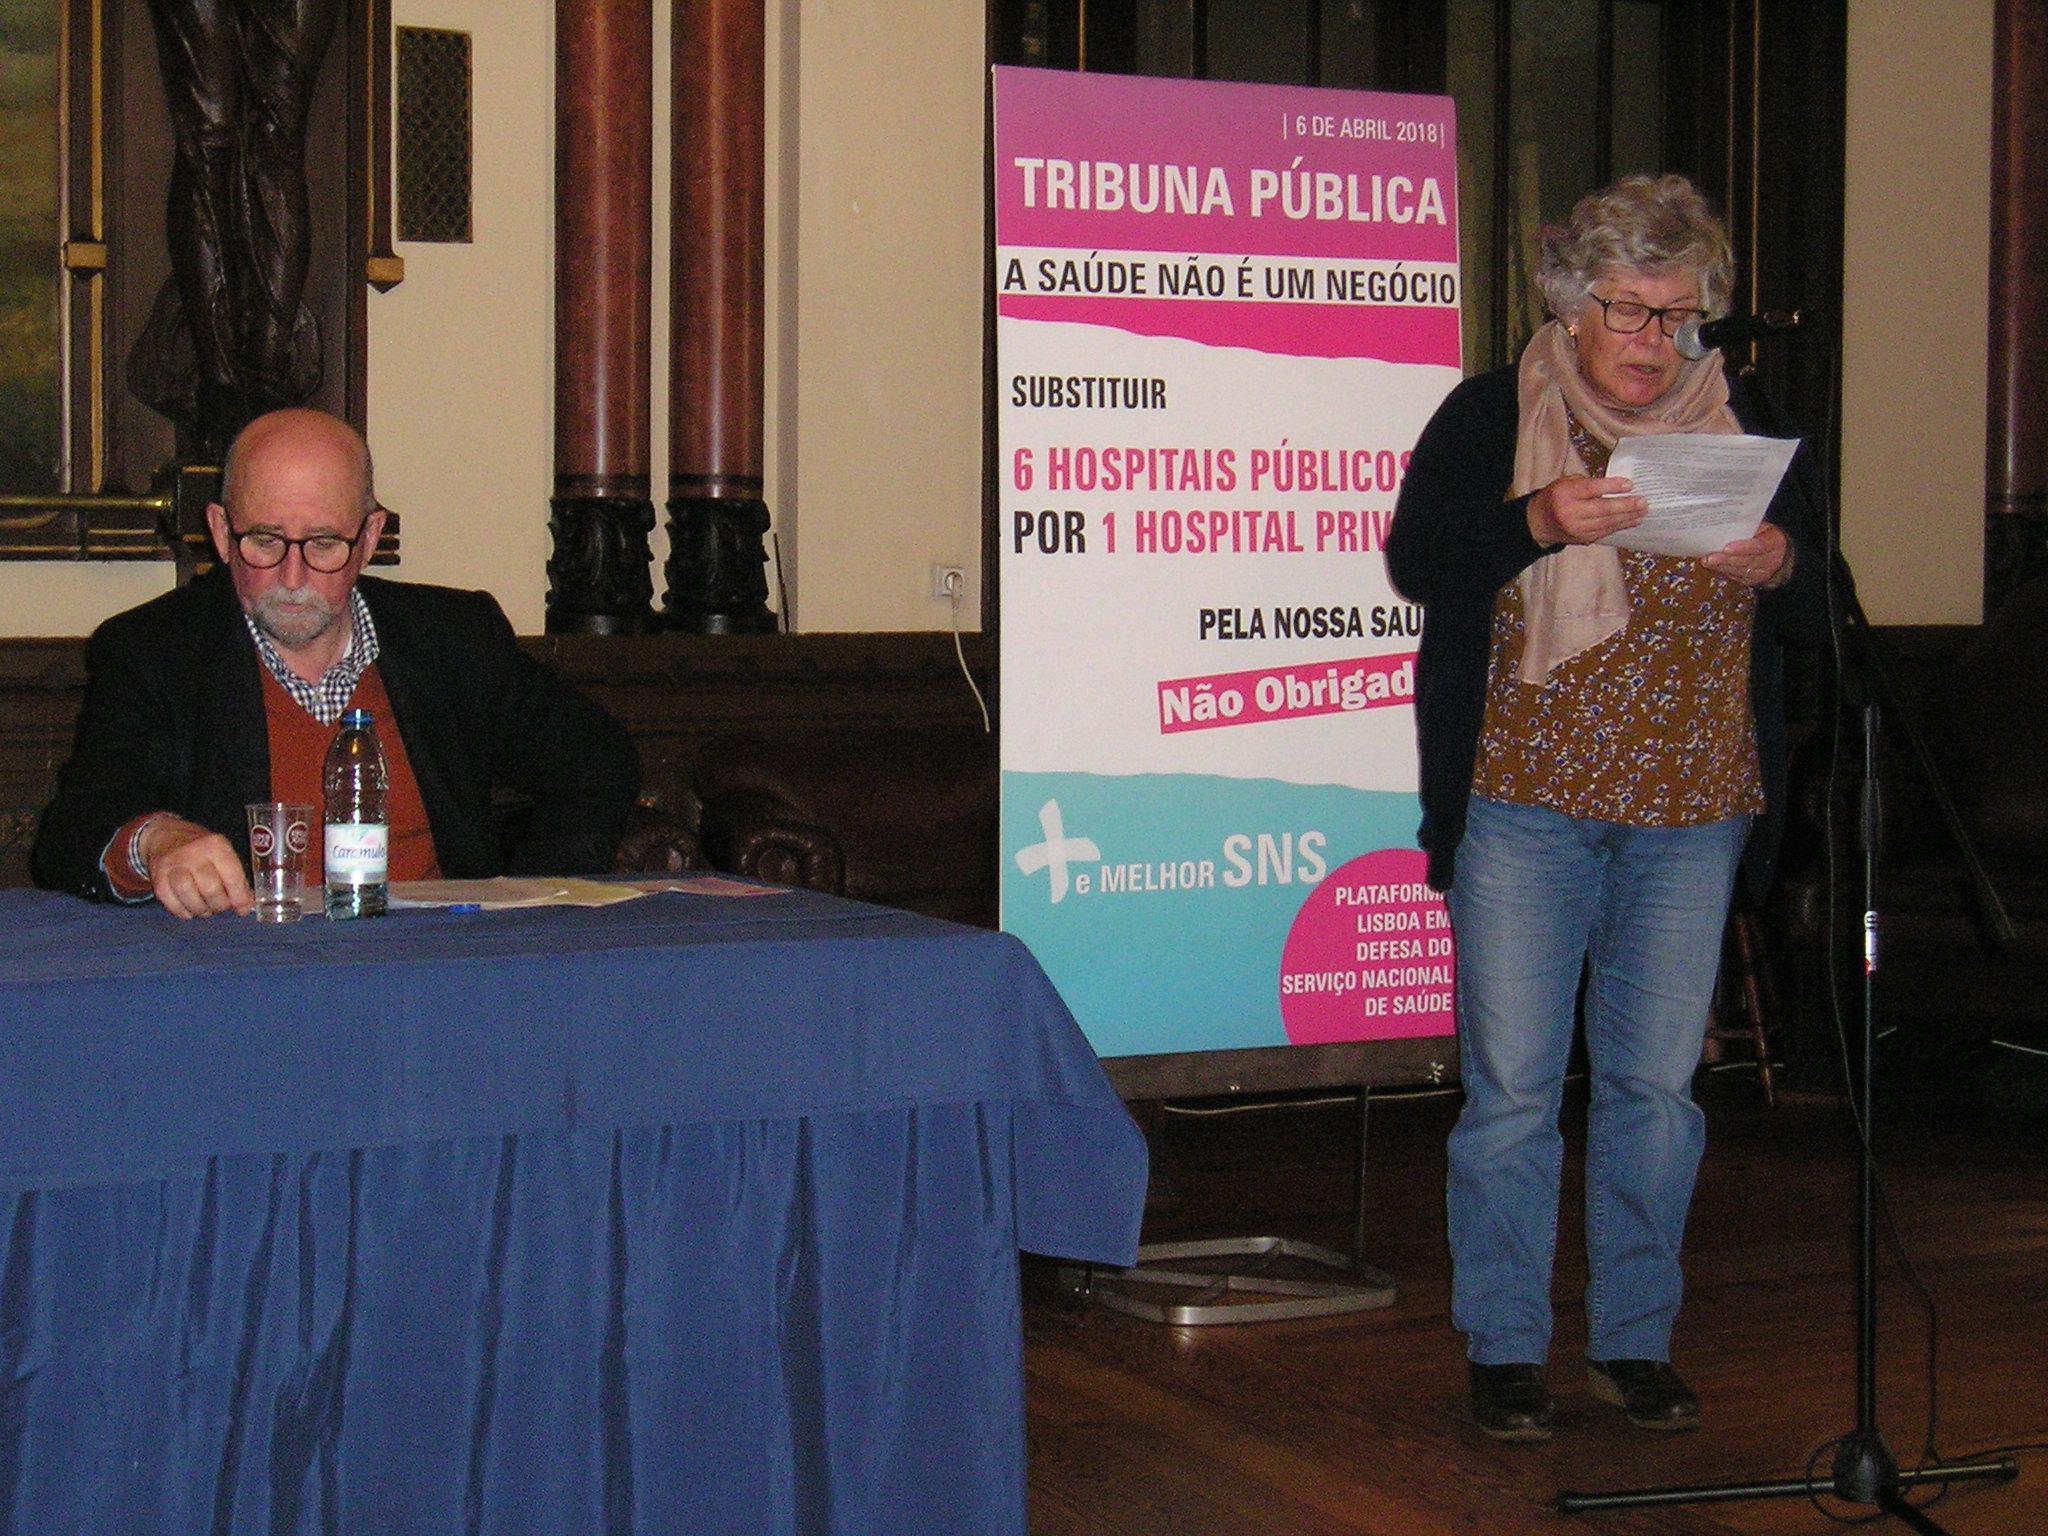 Tribuna Pública em Lisboa – A Saúde não é um negócio!